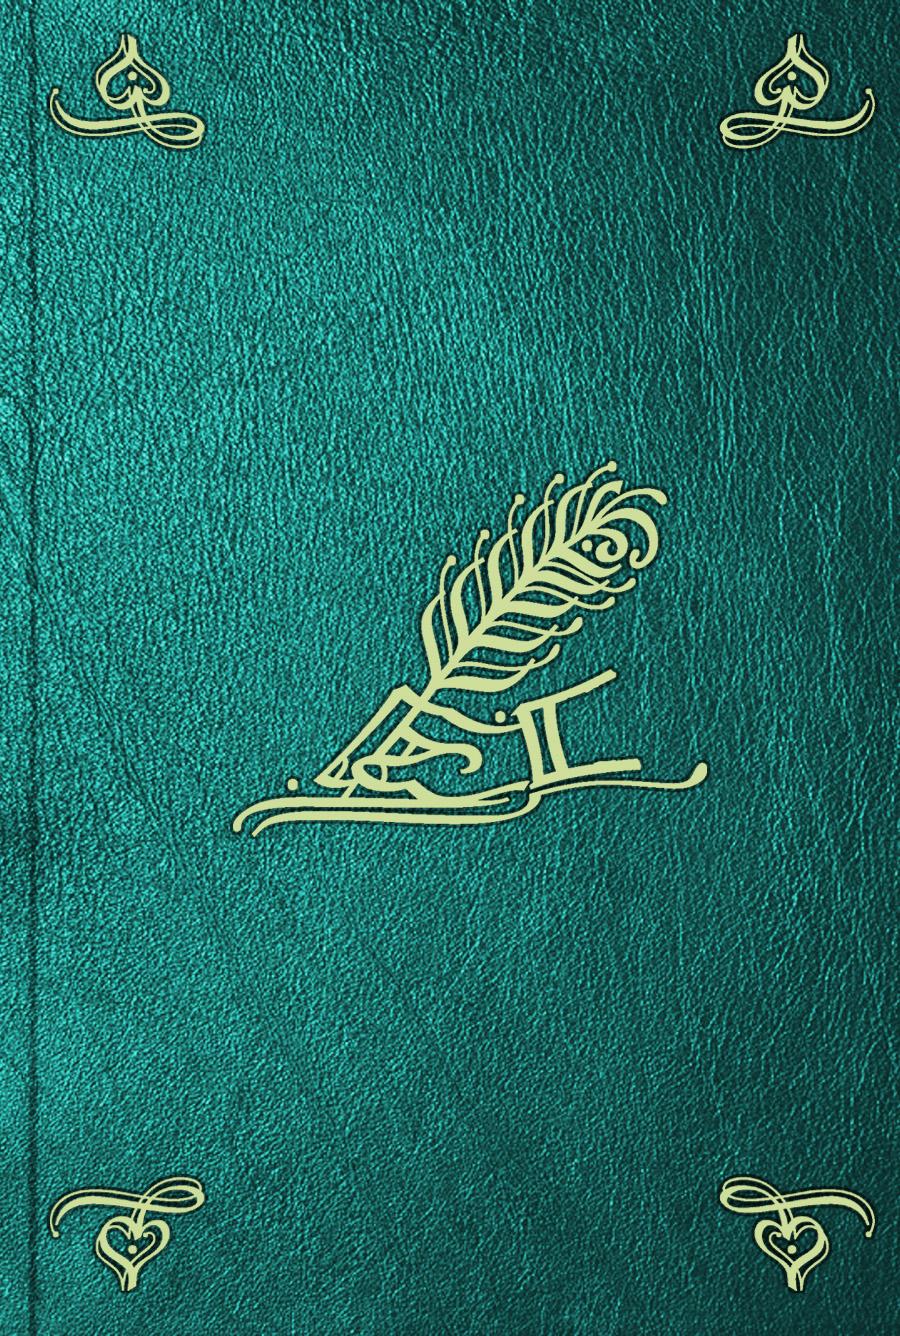 Comte de Buffon Georges Louis Leclerc Histoire naturelle. T. 9. Oiseaux comte de buffon georges louis leclerc histoire naturelle t 6 oiseaux